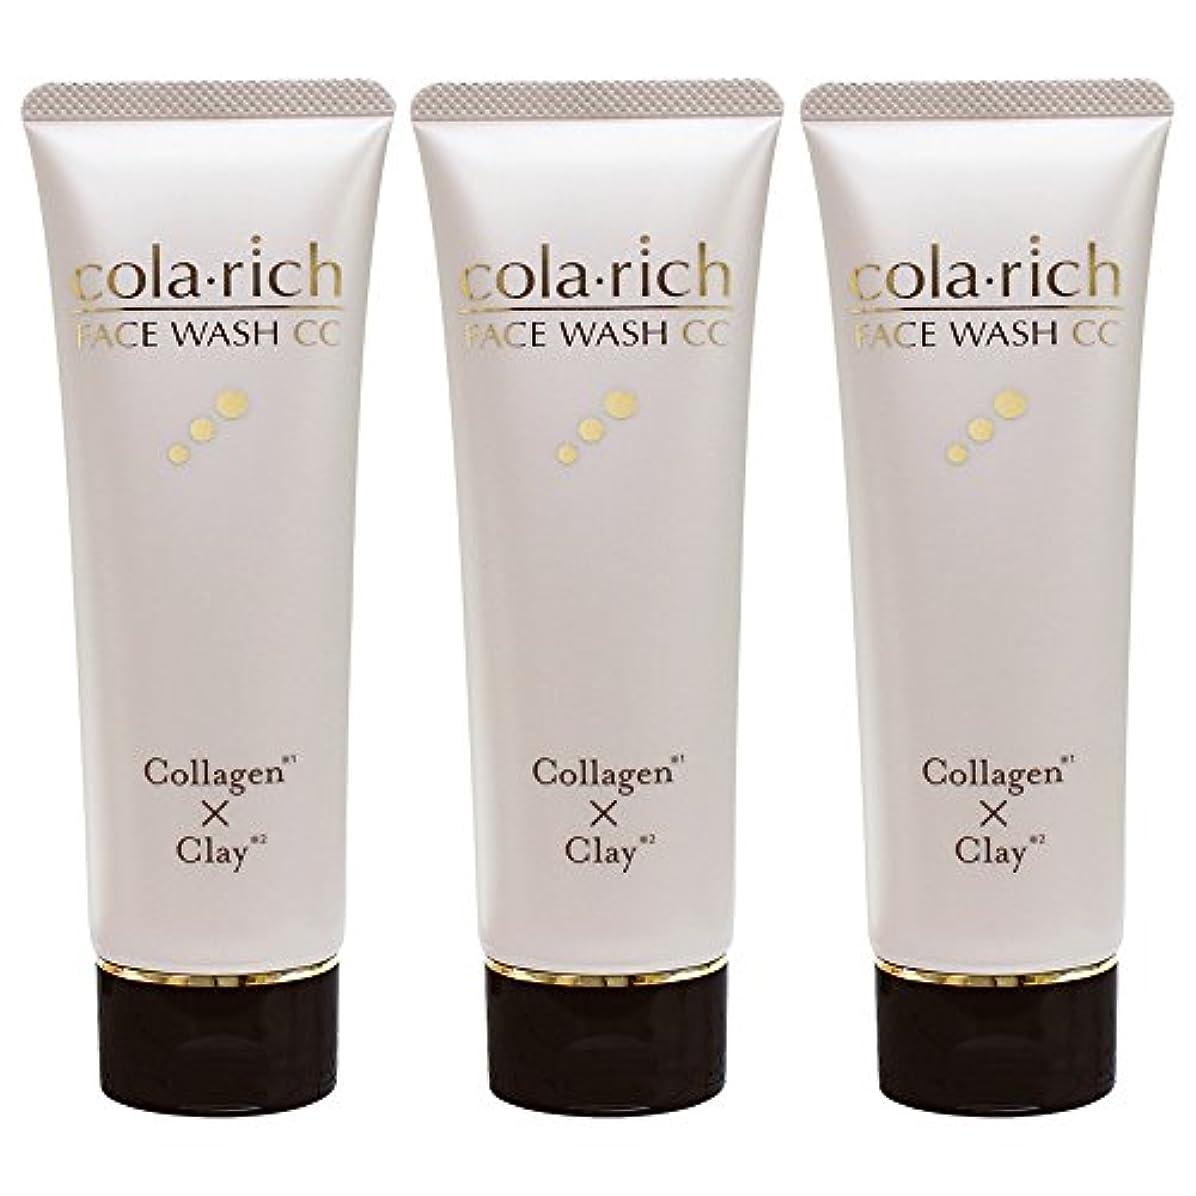 生理カジュアルネクタイコラリッチ コラーゲン配合美容液洗顔3本まとめ買い/フェイスウォッシュCC(1本120g 約1カ月分)キューサイ